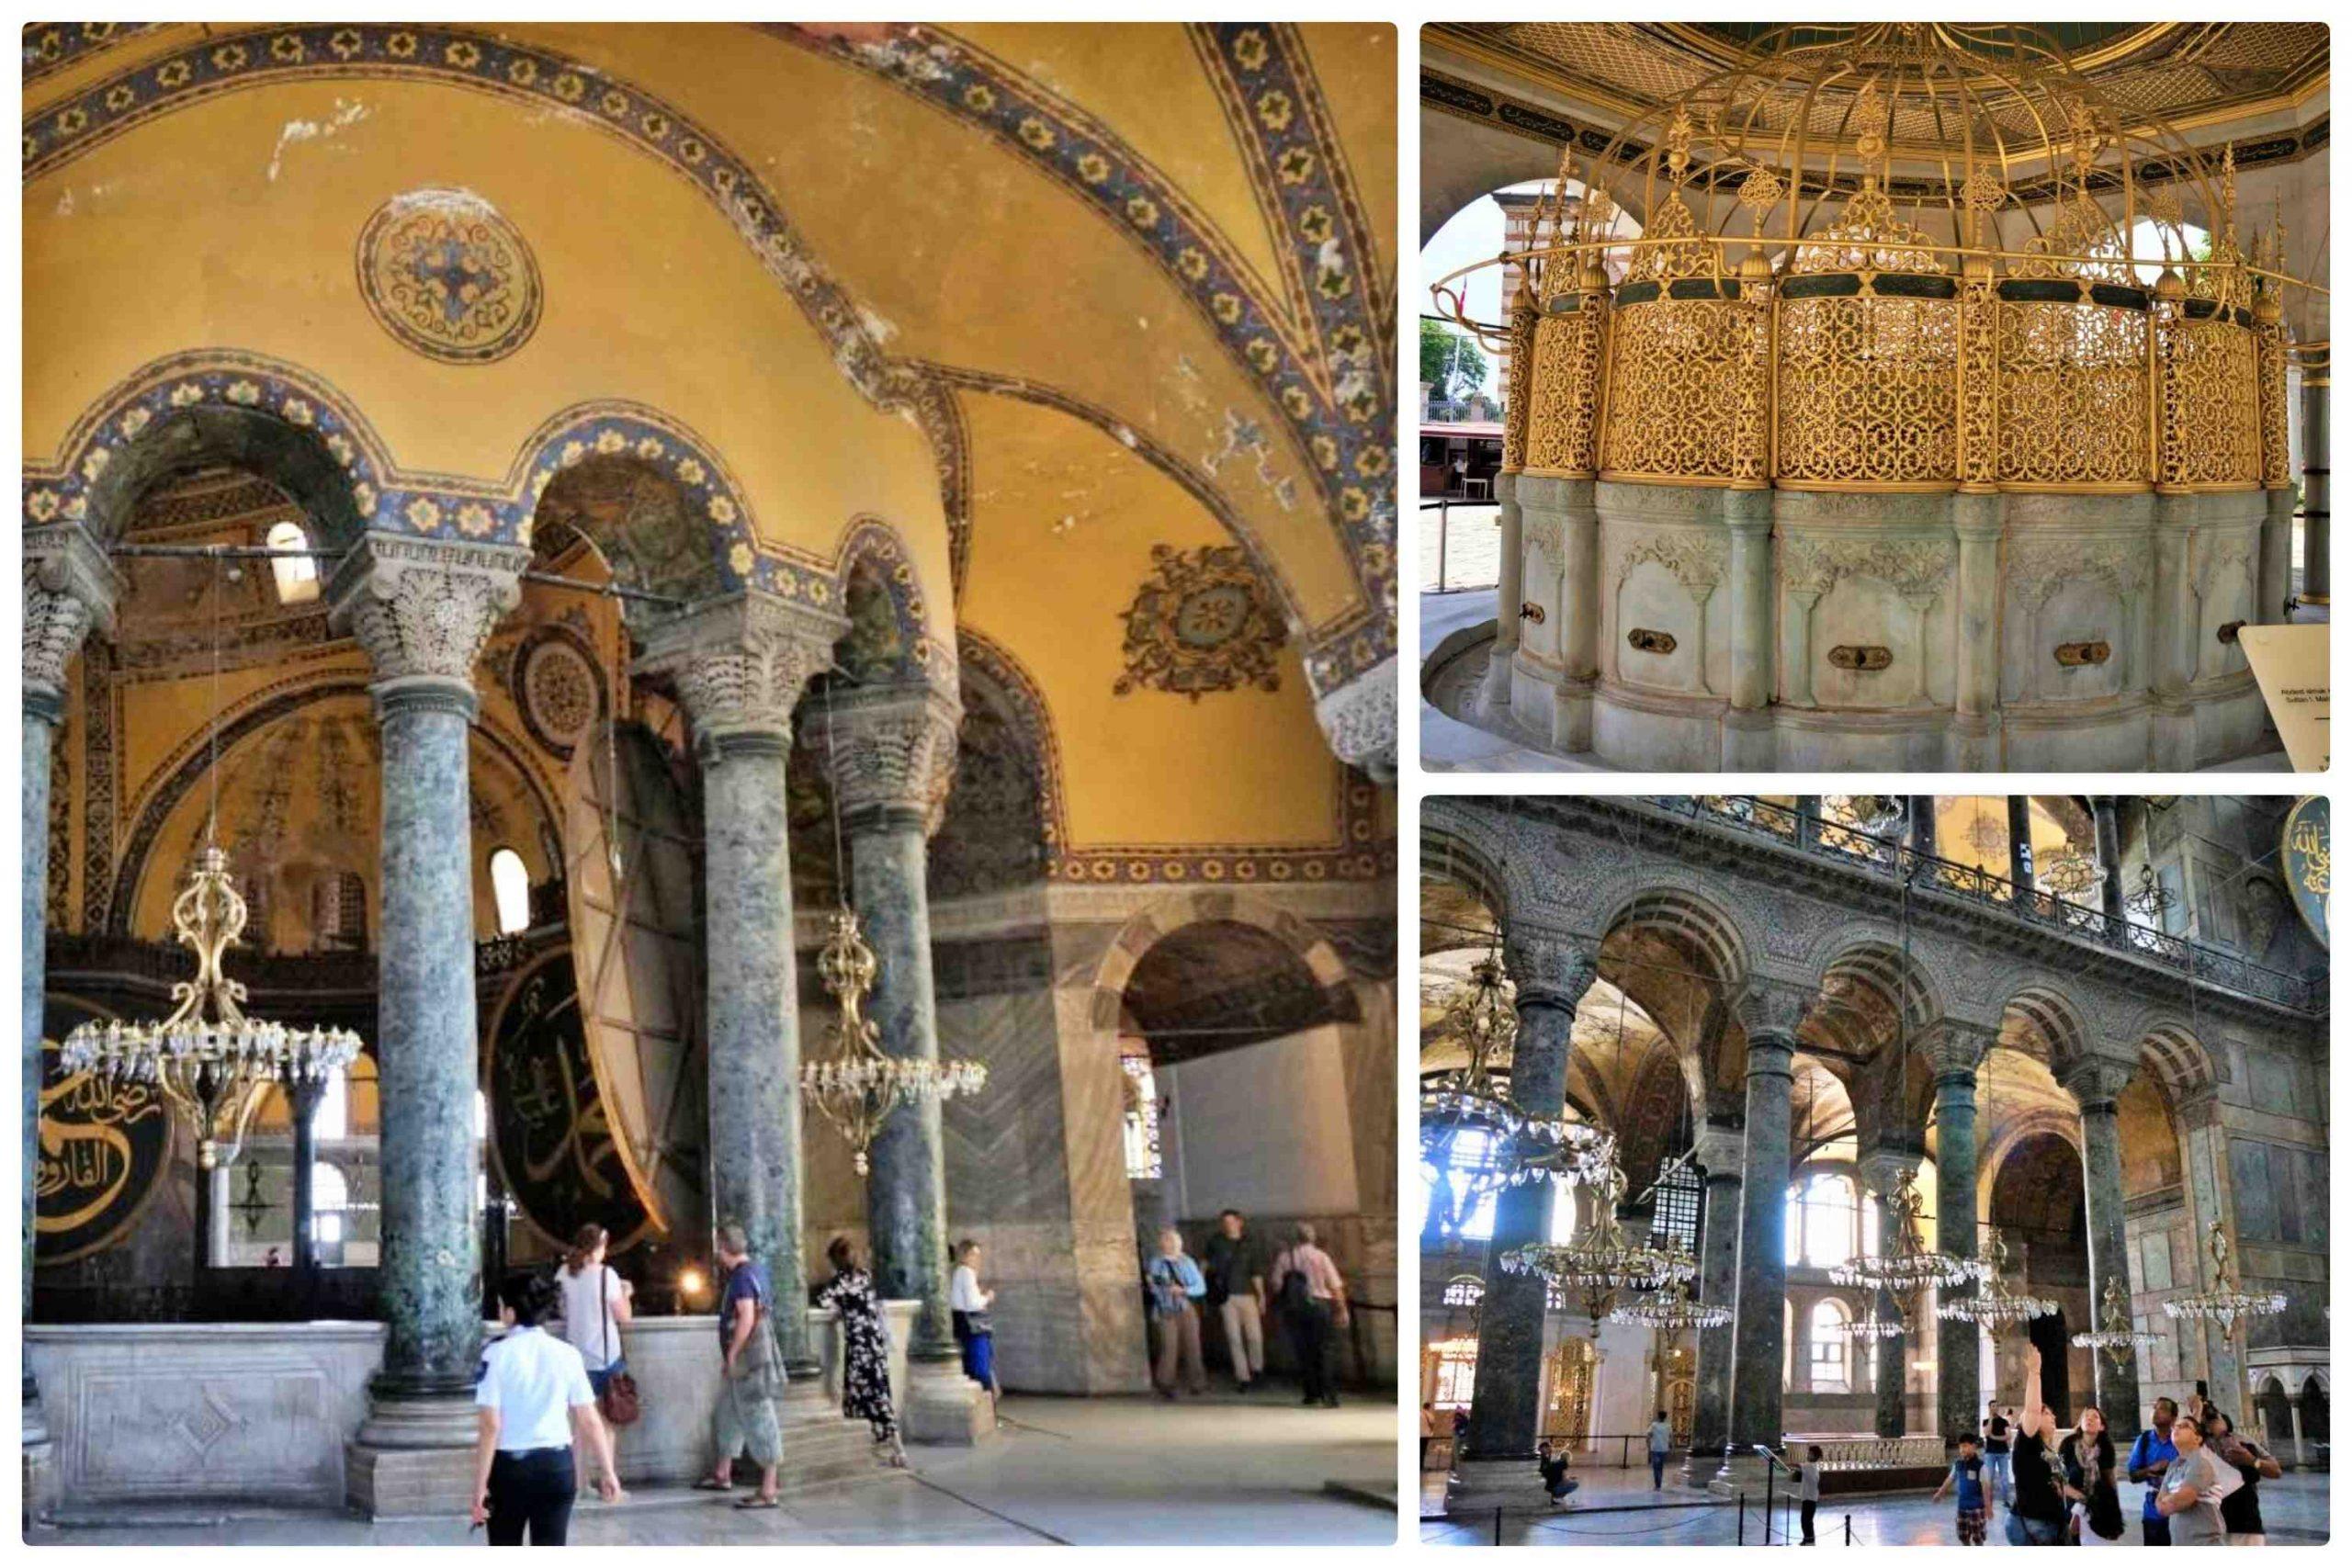 土耳其閒散九日遊 - 聖索菲亞博物館